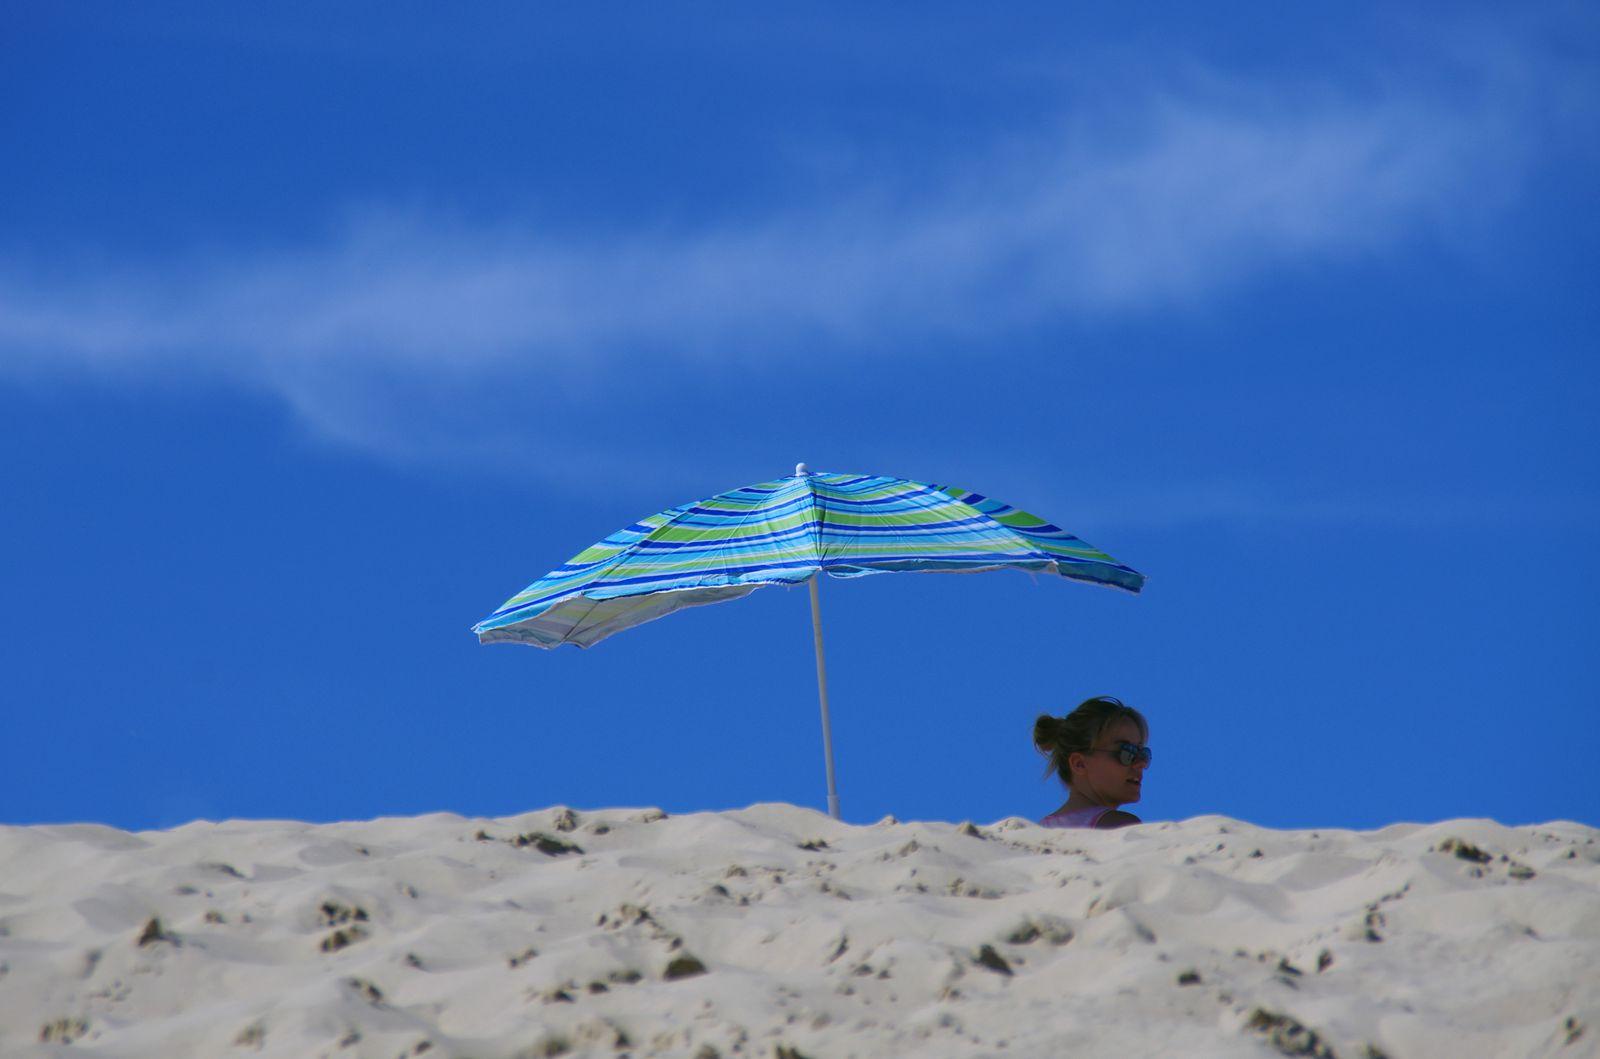 Pentax K-5 +Tamron 18-200 mm - 200 mm- ISO 100 - 1/640 s - f/9 - priorité à l'ouverture - La dune du Pilat